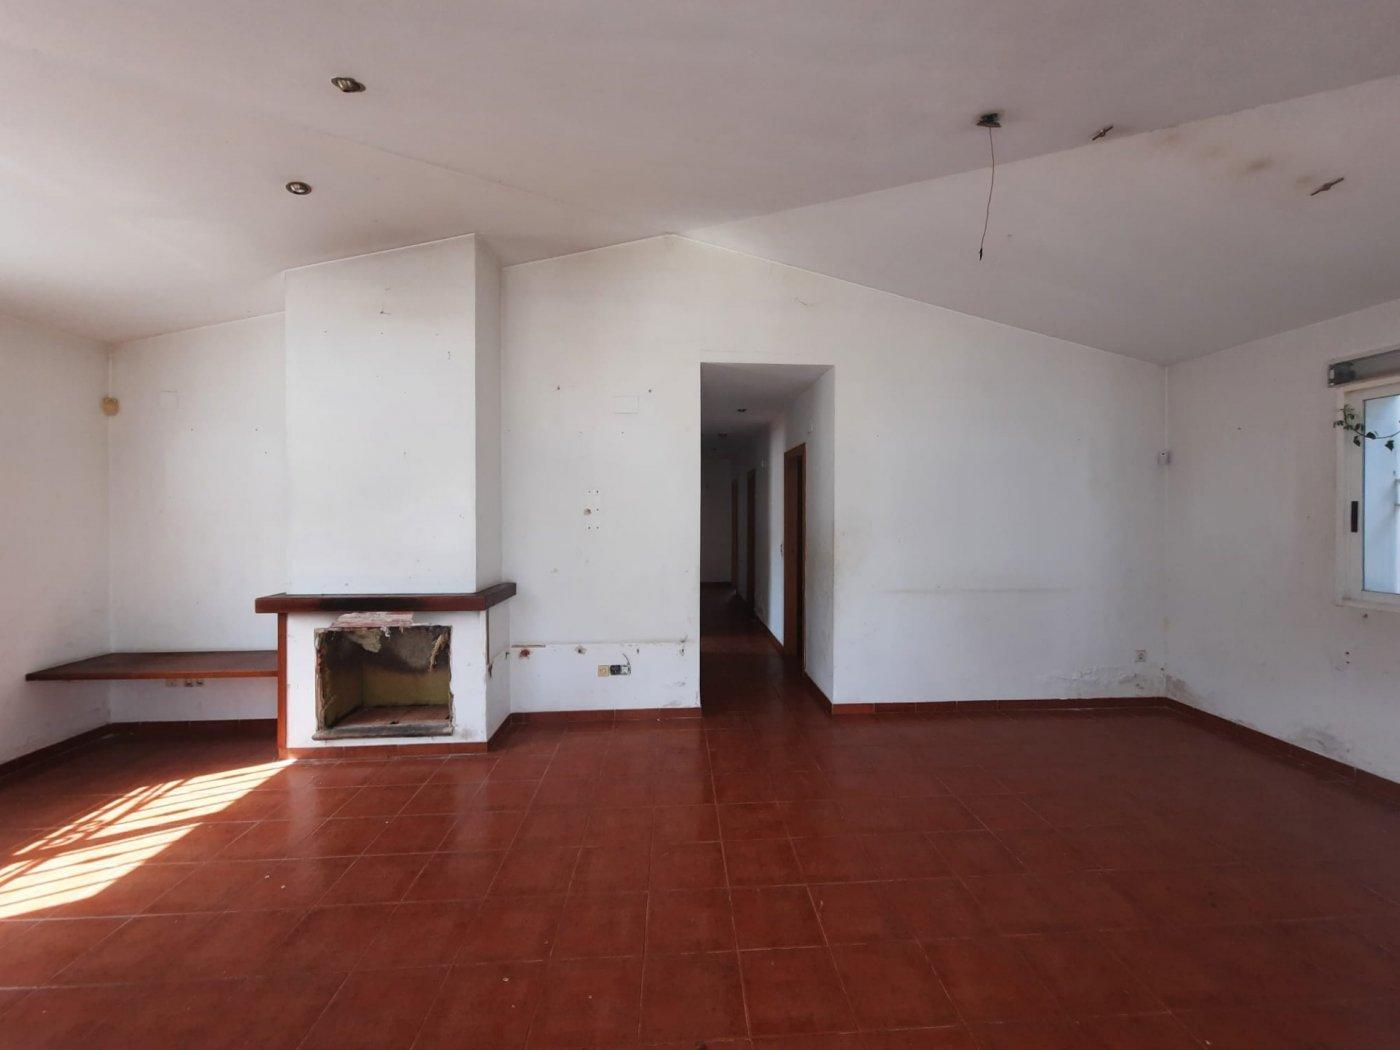 Chalet independiente en venta en calle penya-roja (de la), 28, 46728, gandia (valencia) - imagenInmueble20